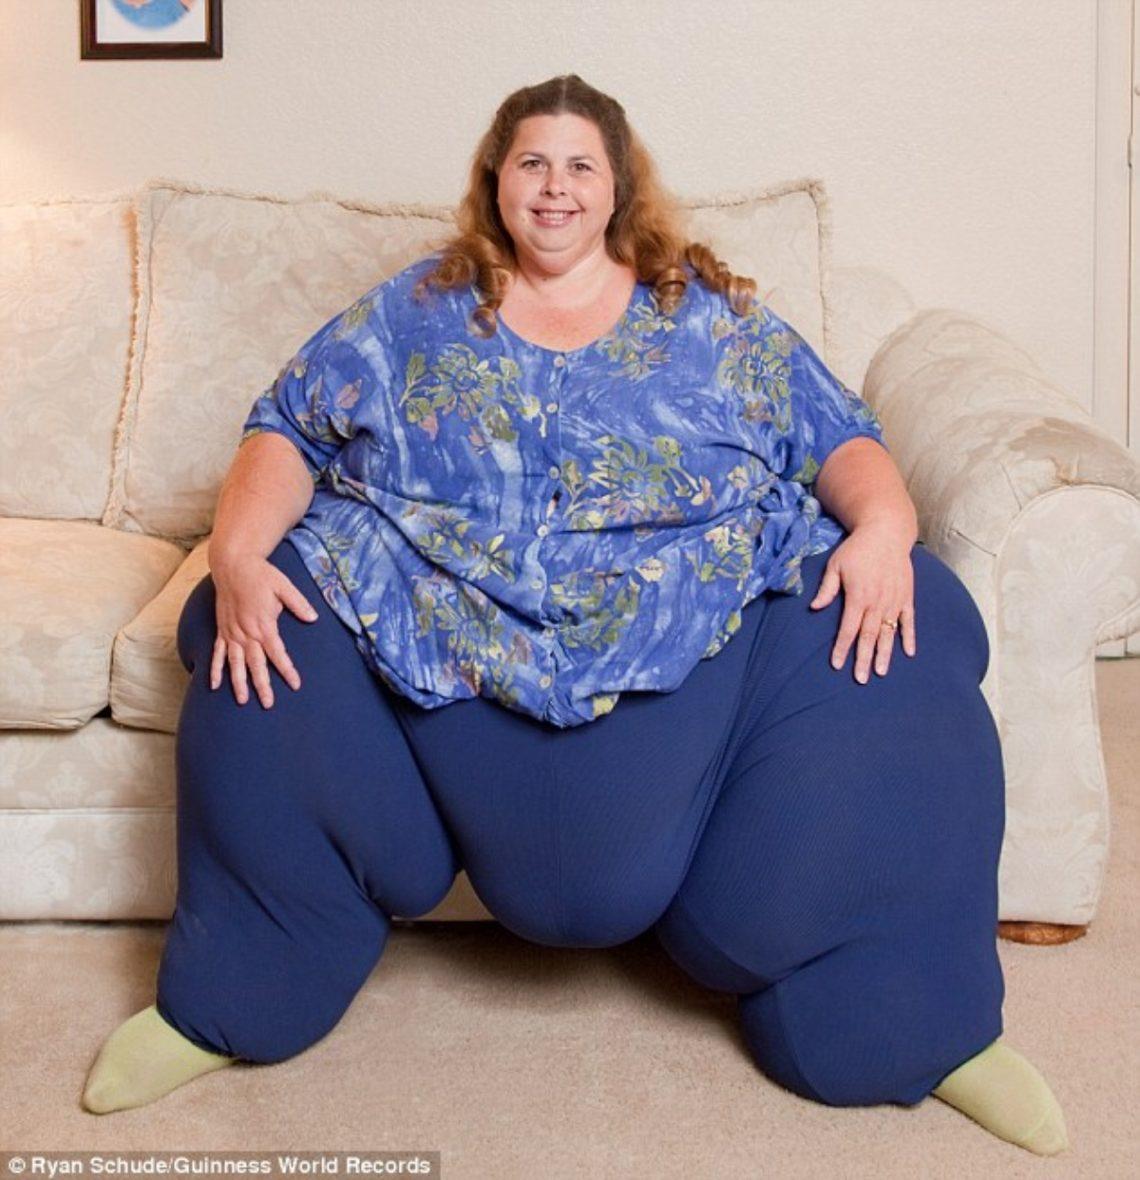 зараженных территориях очень толстые жирные женщины фото стене жёлтым